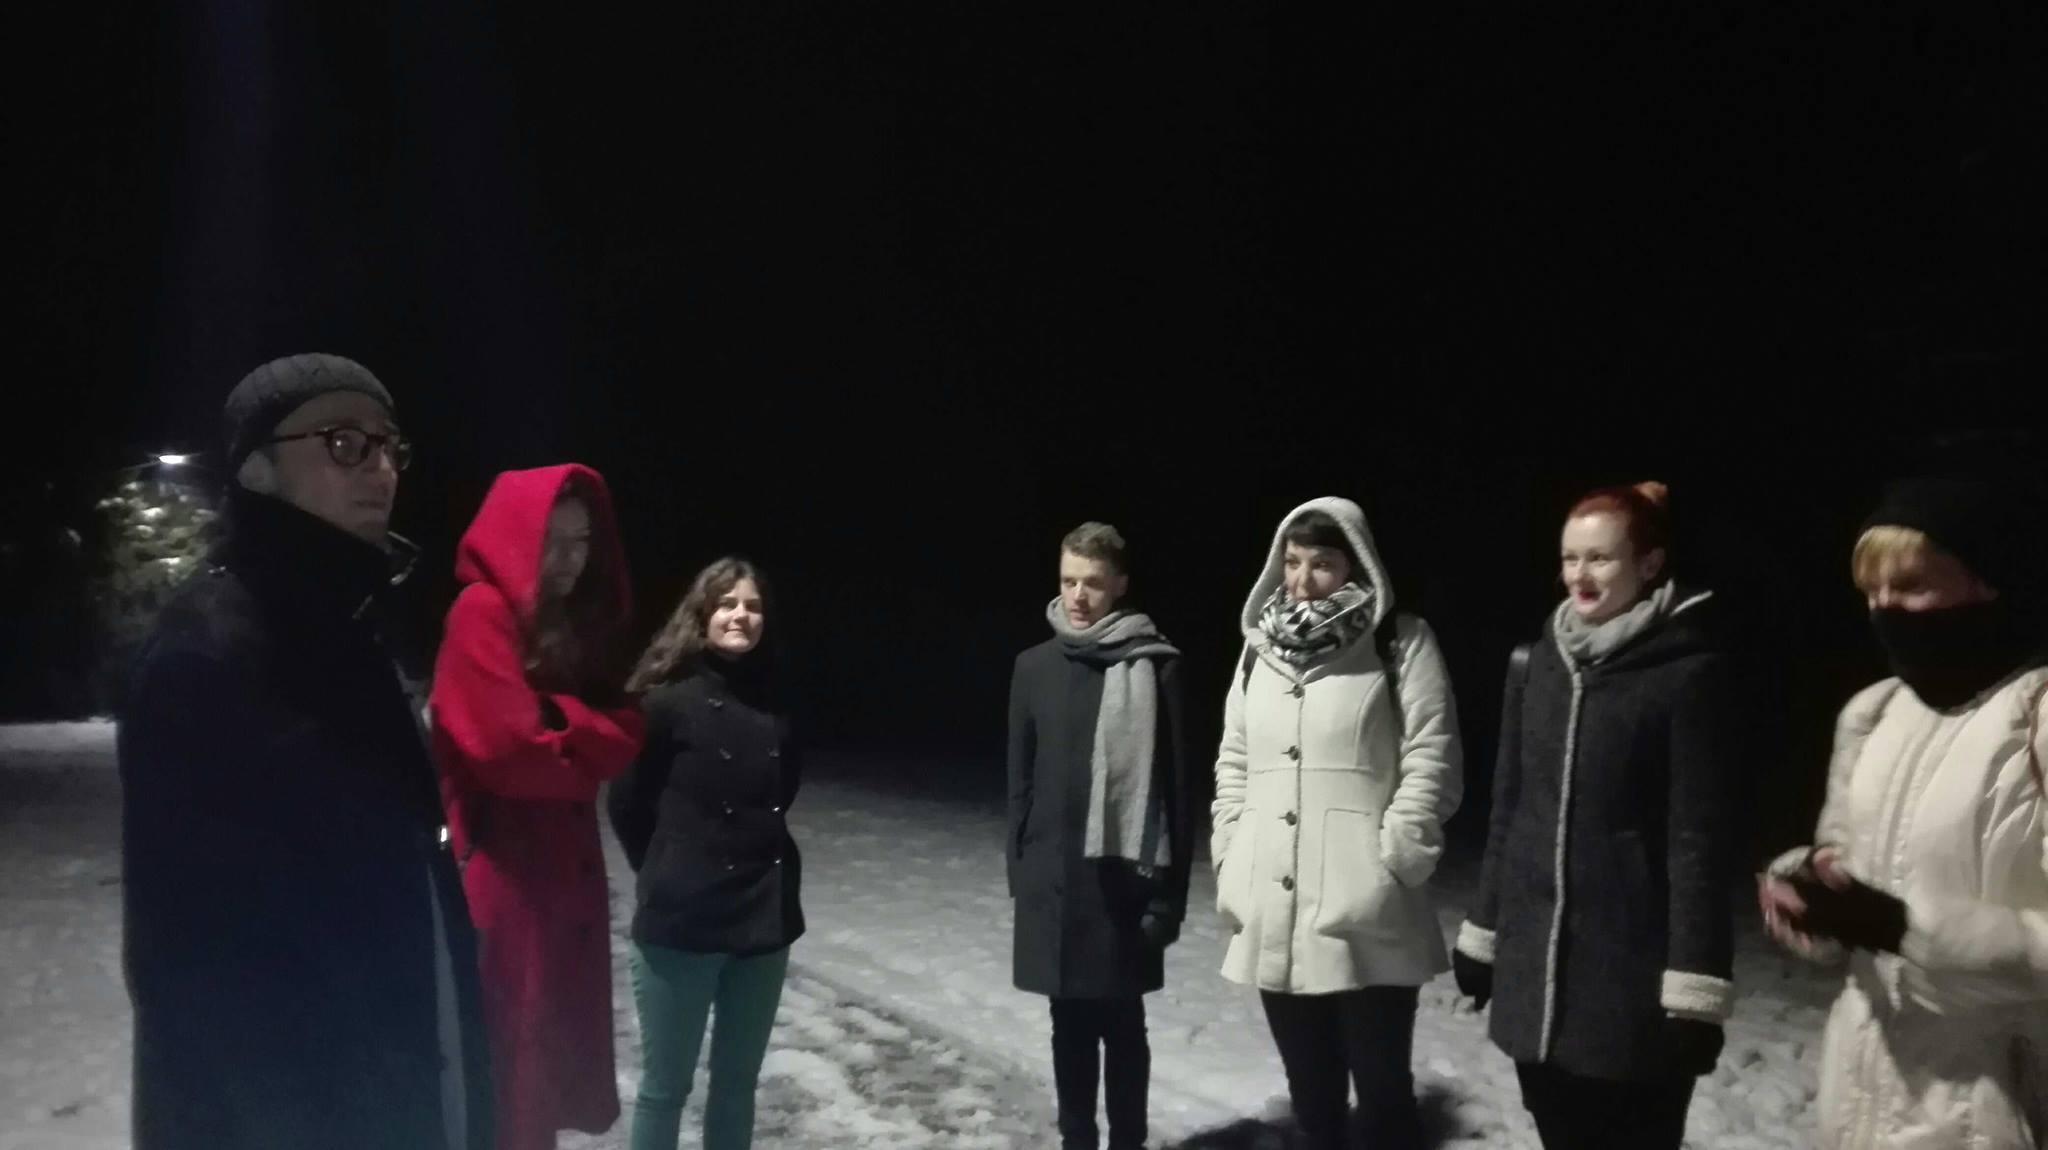 50 pjesama za snijeg, Karlovac, 9. 12. 2017. Foto. Draženka Polović